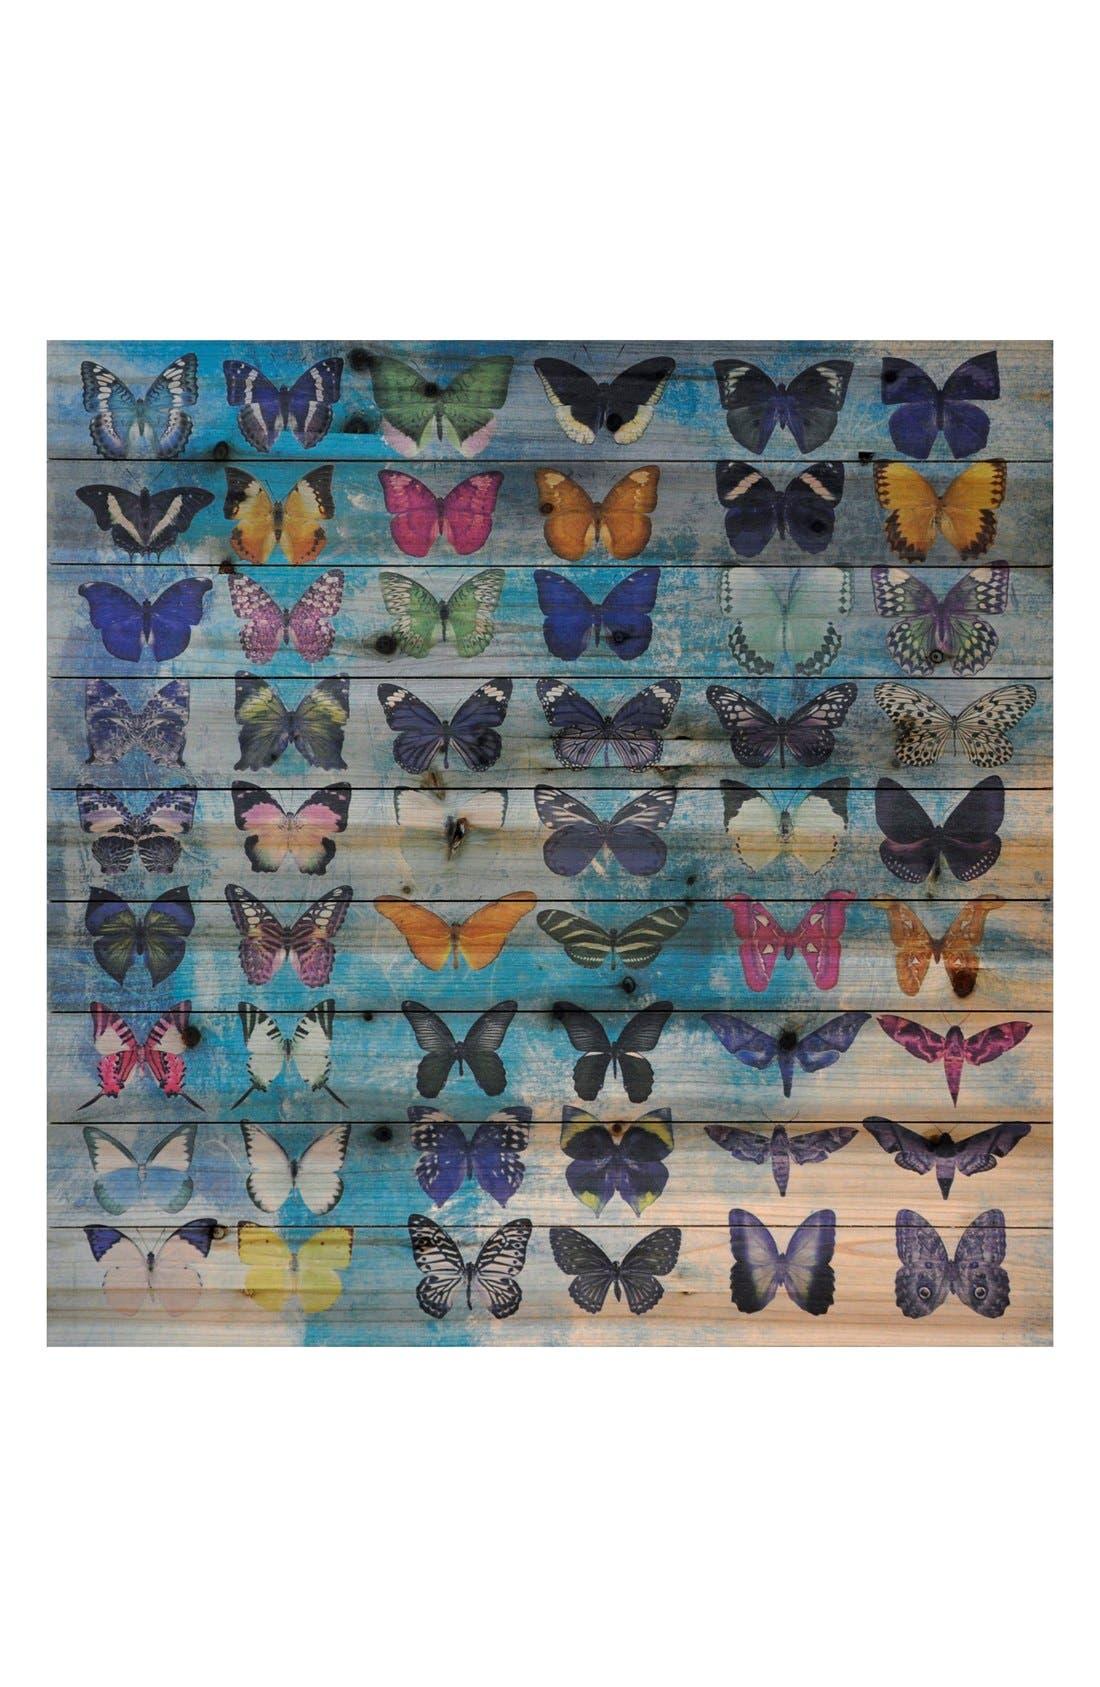 EMPIRE ART DIRECT 'Butterflies' Wall Art